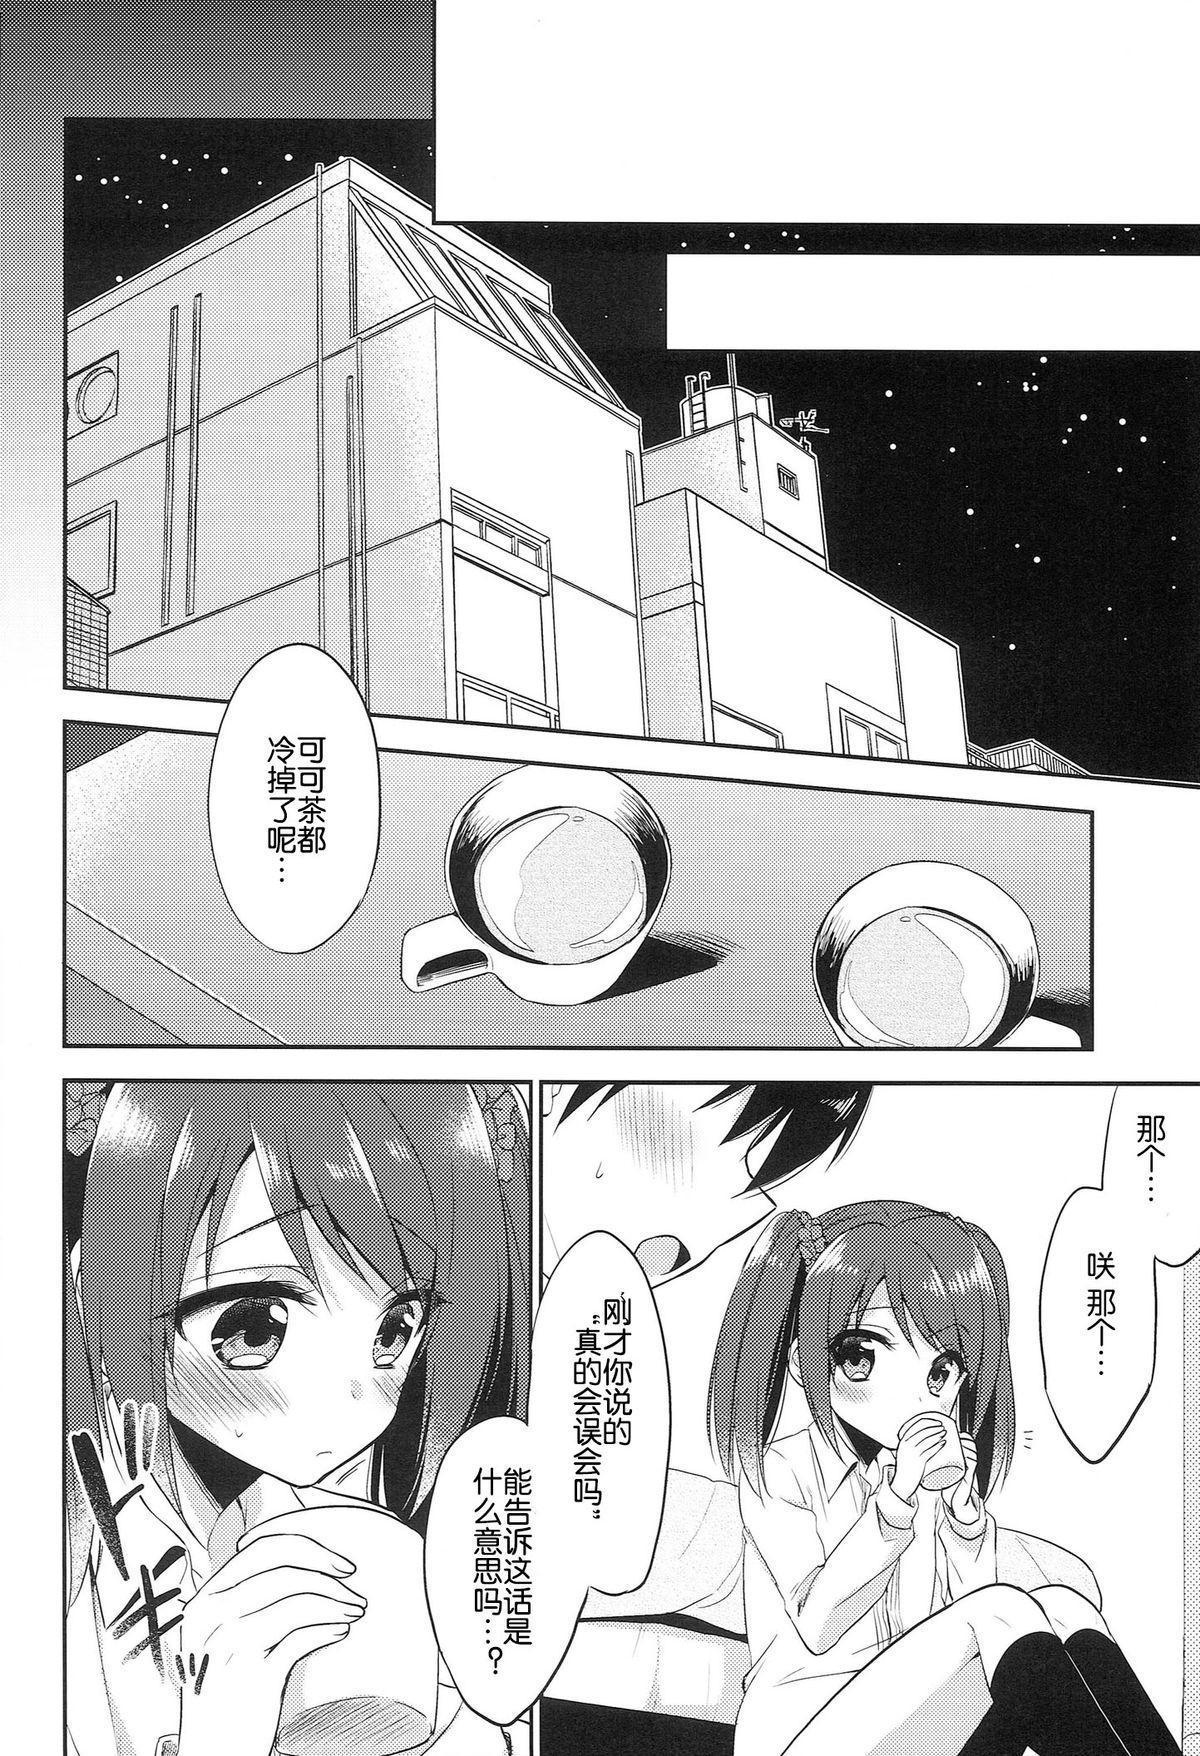 Onnanoko no kimochi 21